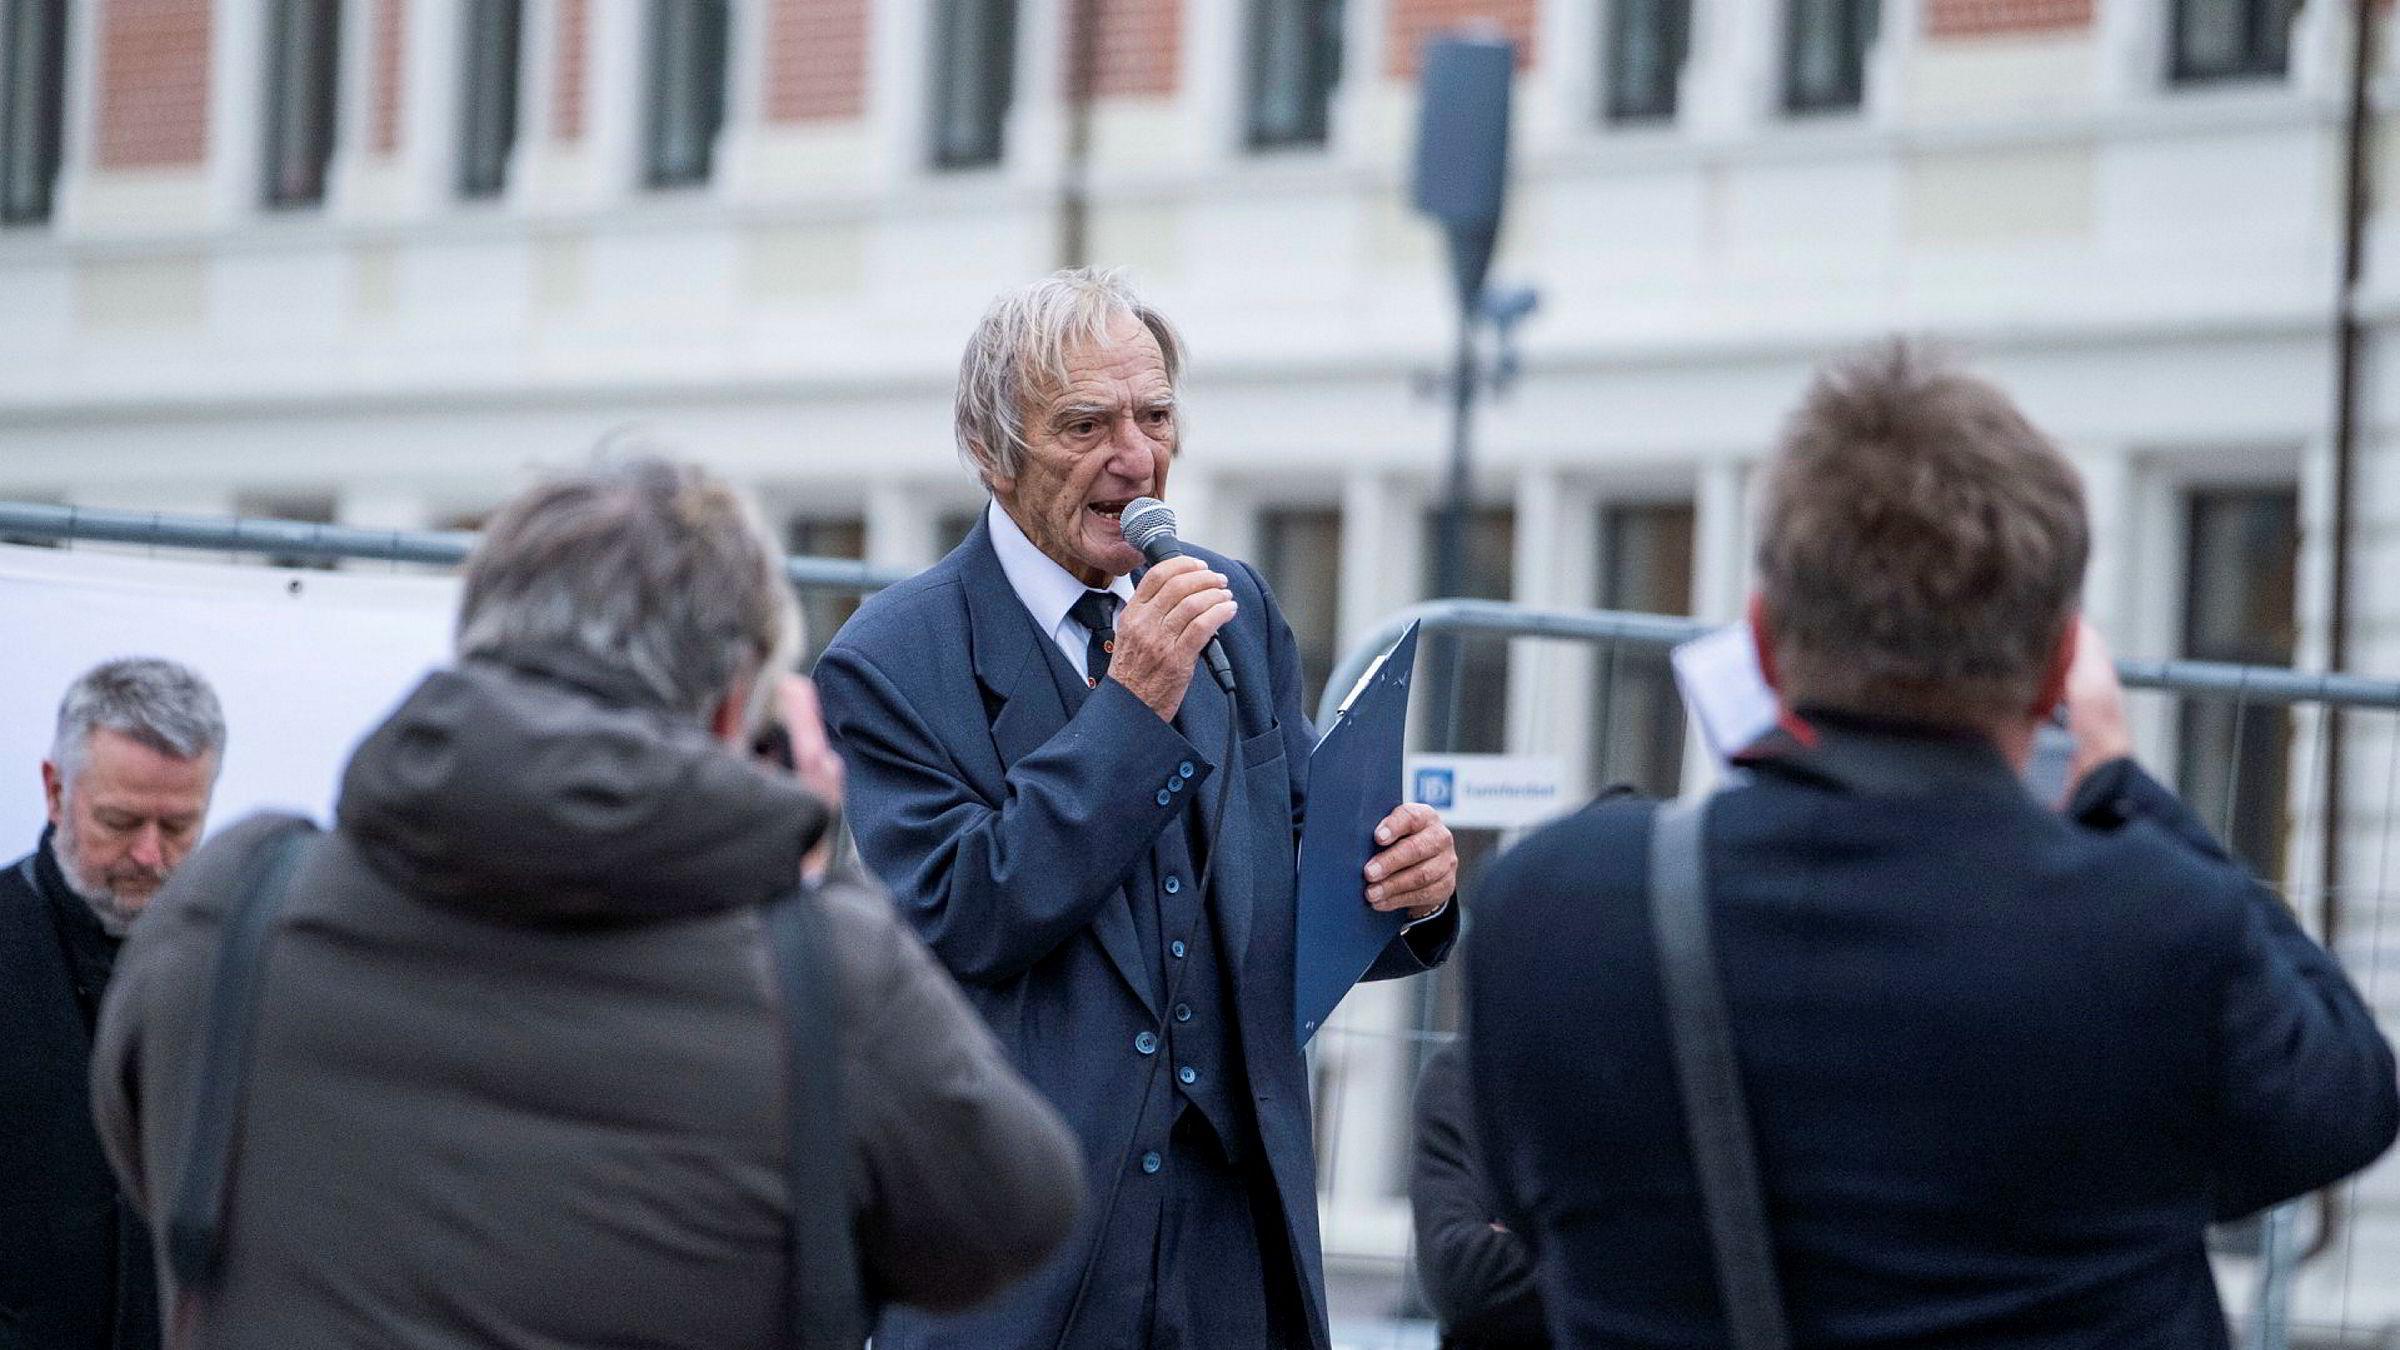 Sians frontfigur Arne Tumyr kastet Koranen under Sians demonstrasjon på Torvet i Kristiansand nylig. Det førte til basketak mellom demonstranter og politi da noen brant deler av en bok.